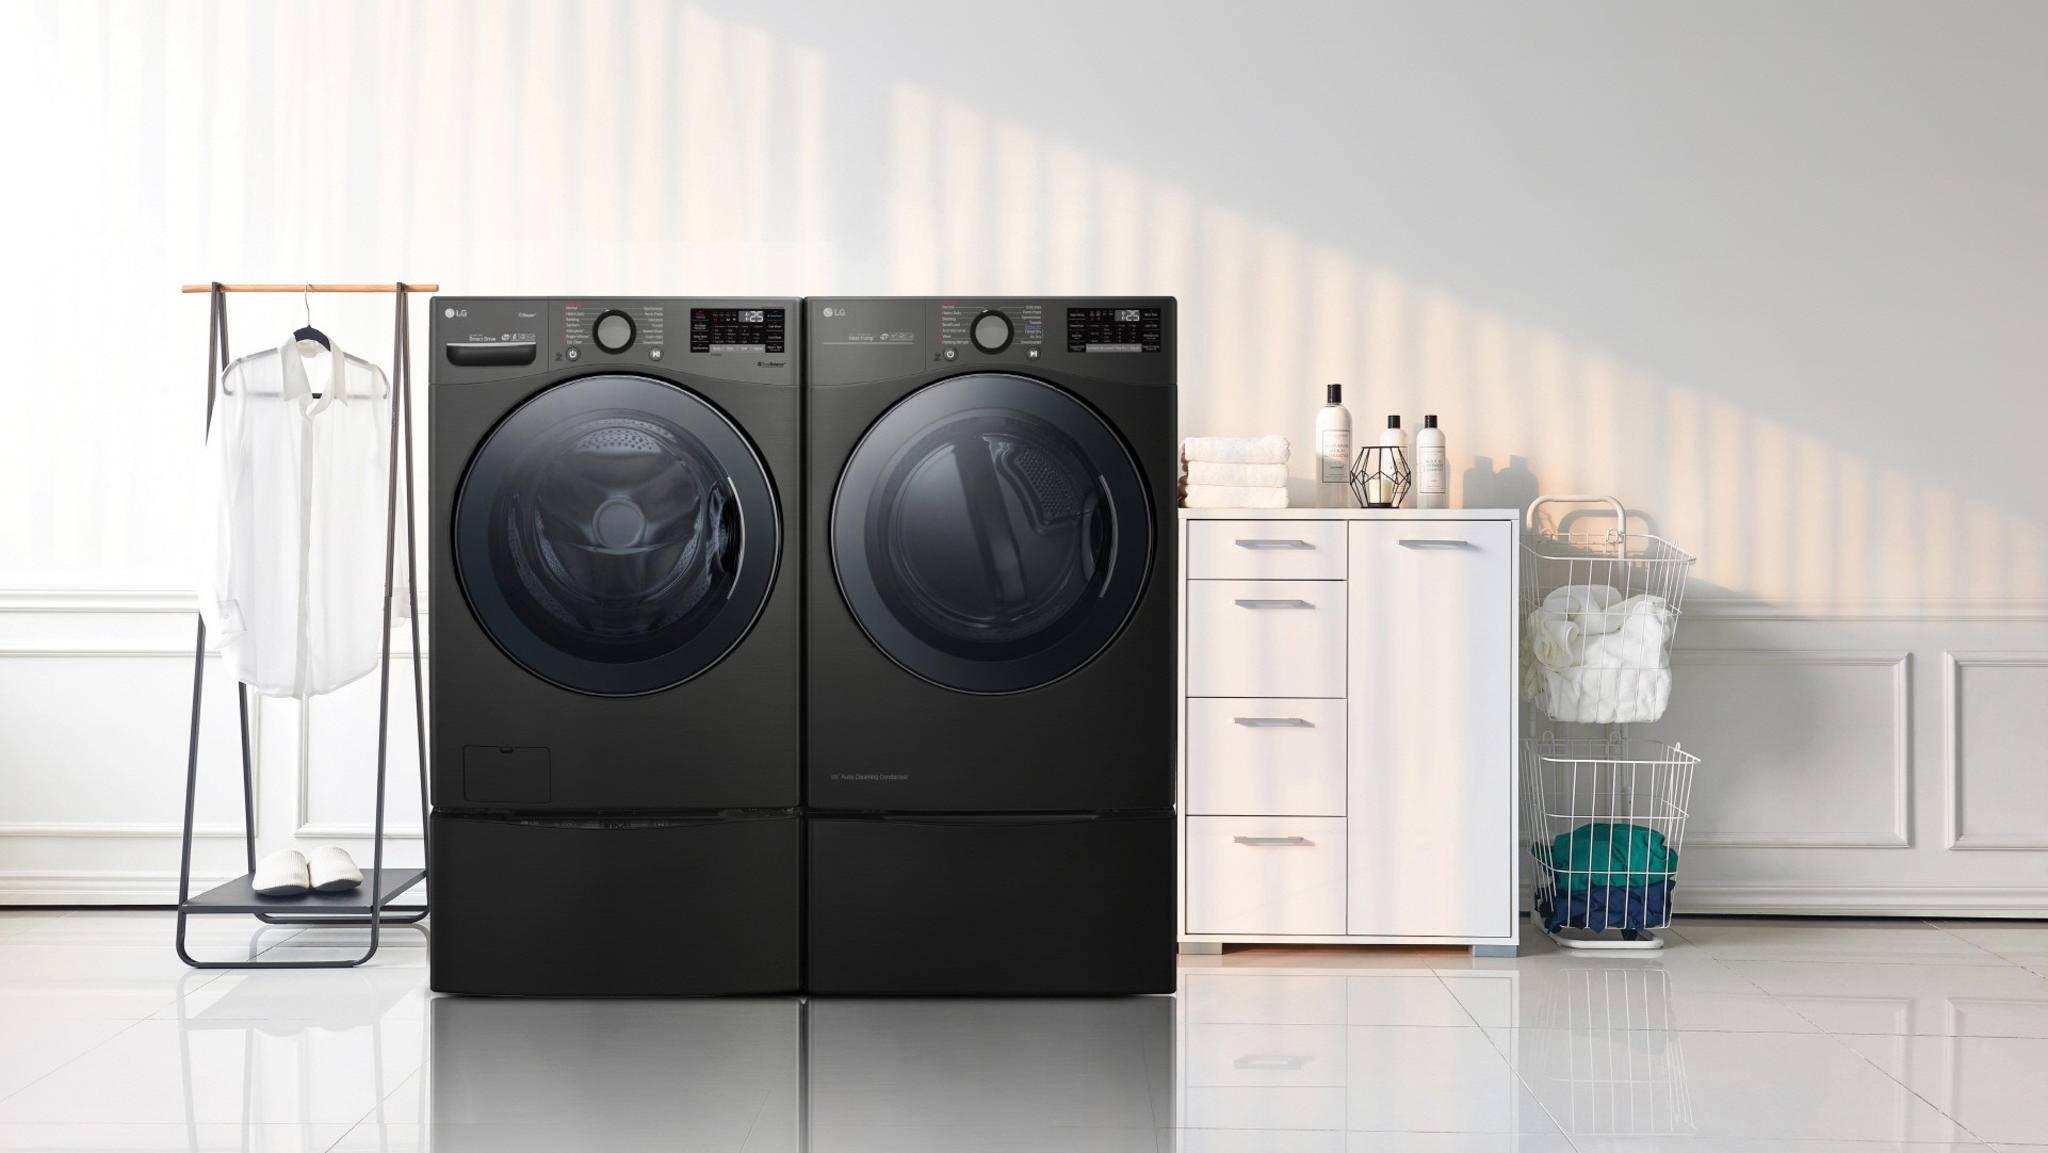 Optisch erinnert die ThinQ-Waschmaschine an die TwinWash-Geräte von LG (siehe Bild).